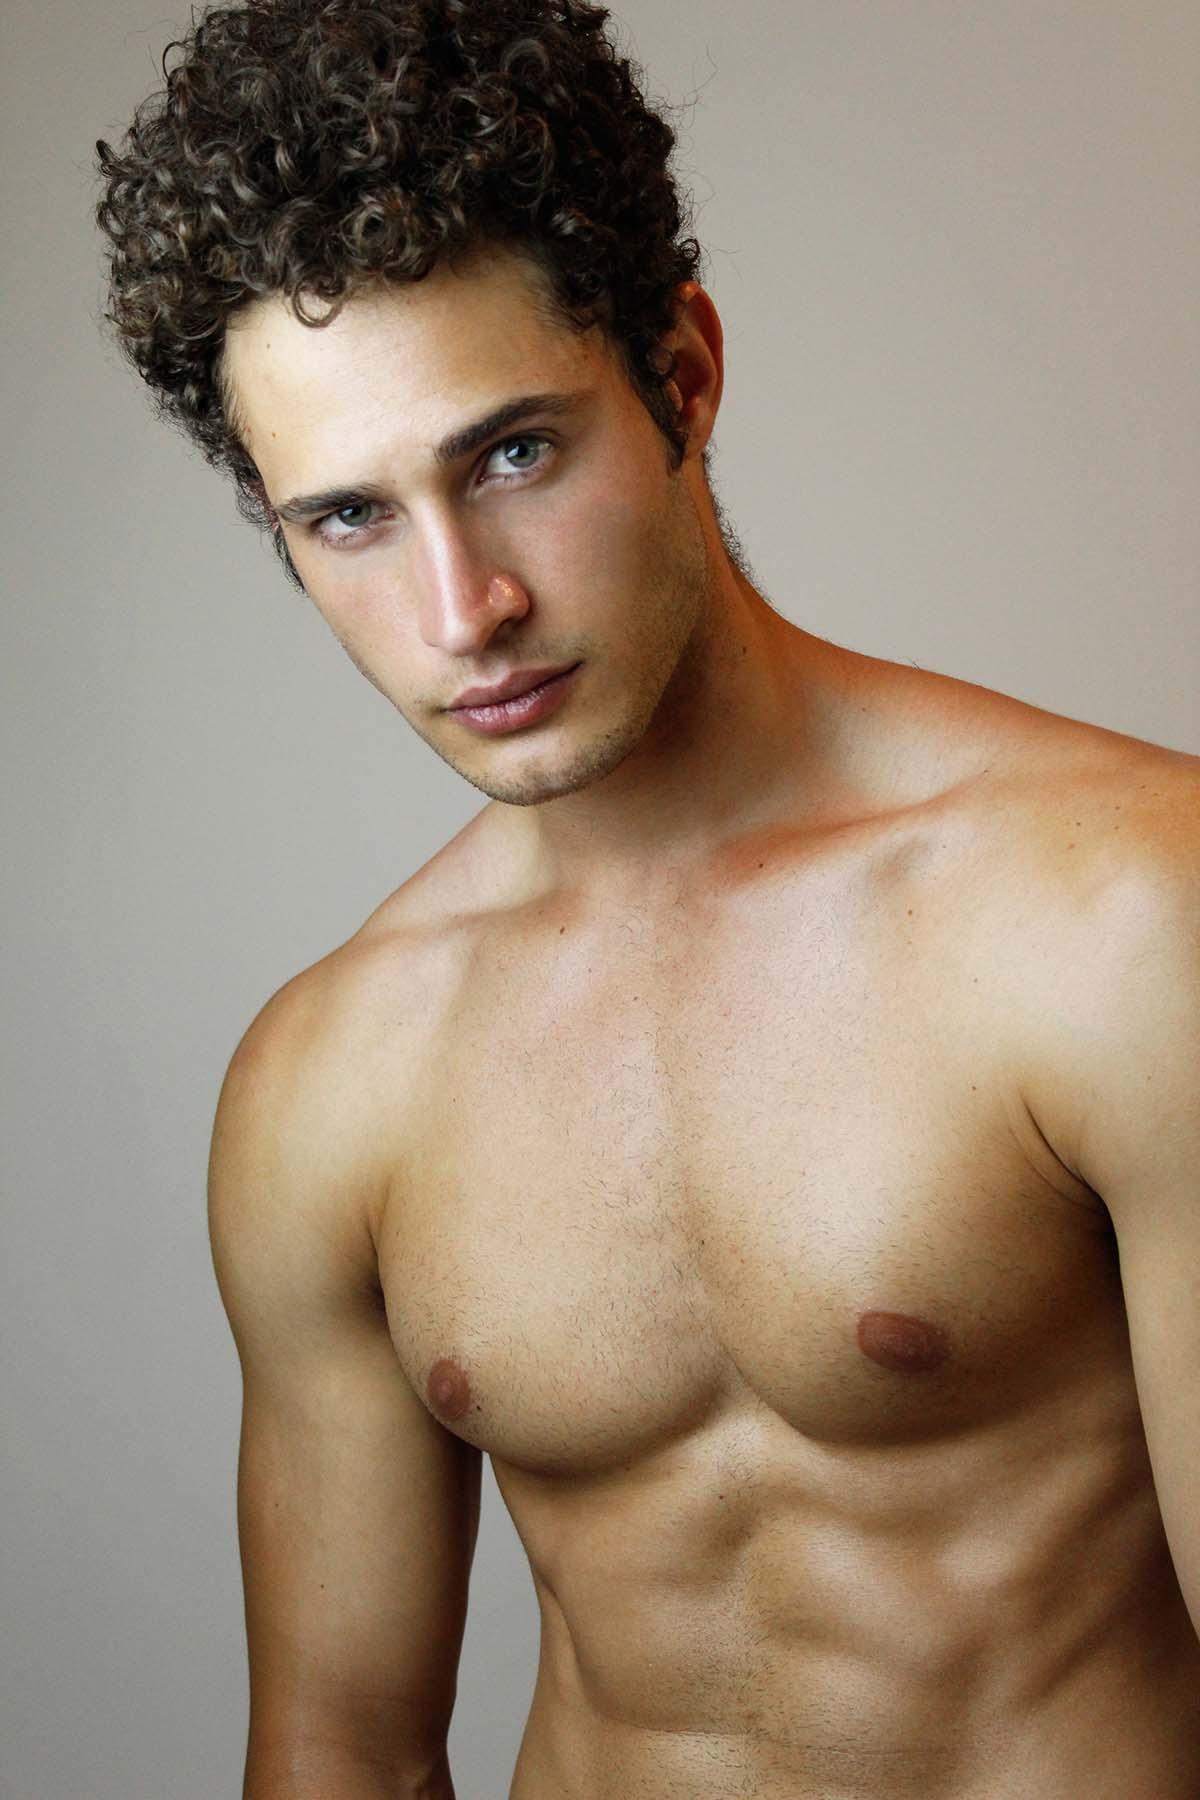 Kaian Bentlin by Carlos Mora for Brazilian Male Model